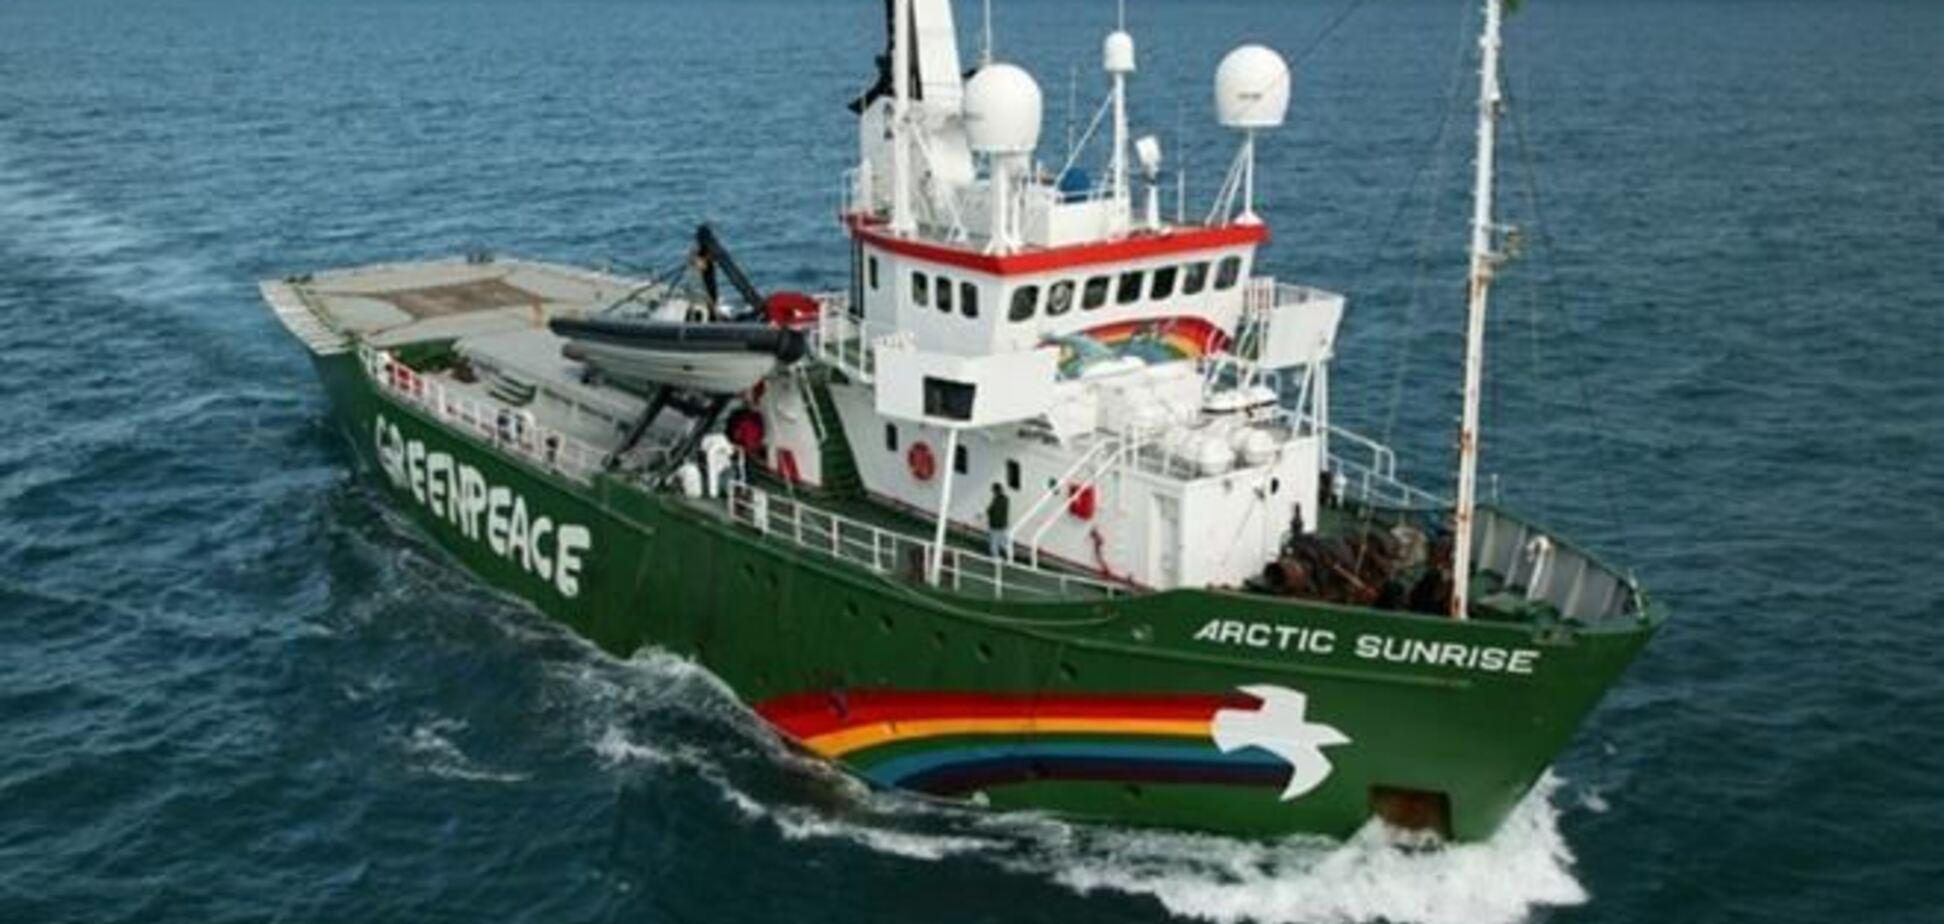 Міжнародний морський трибунал зажадав звільнити Arctic Sunrise